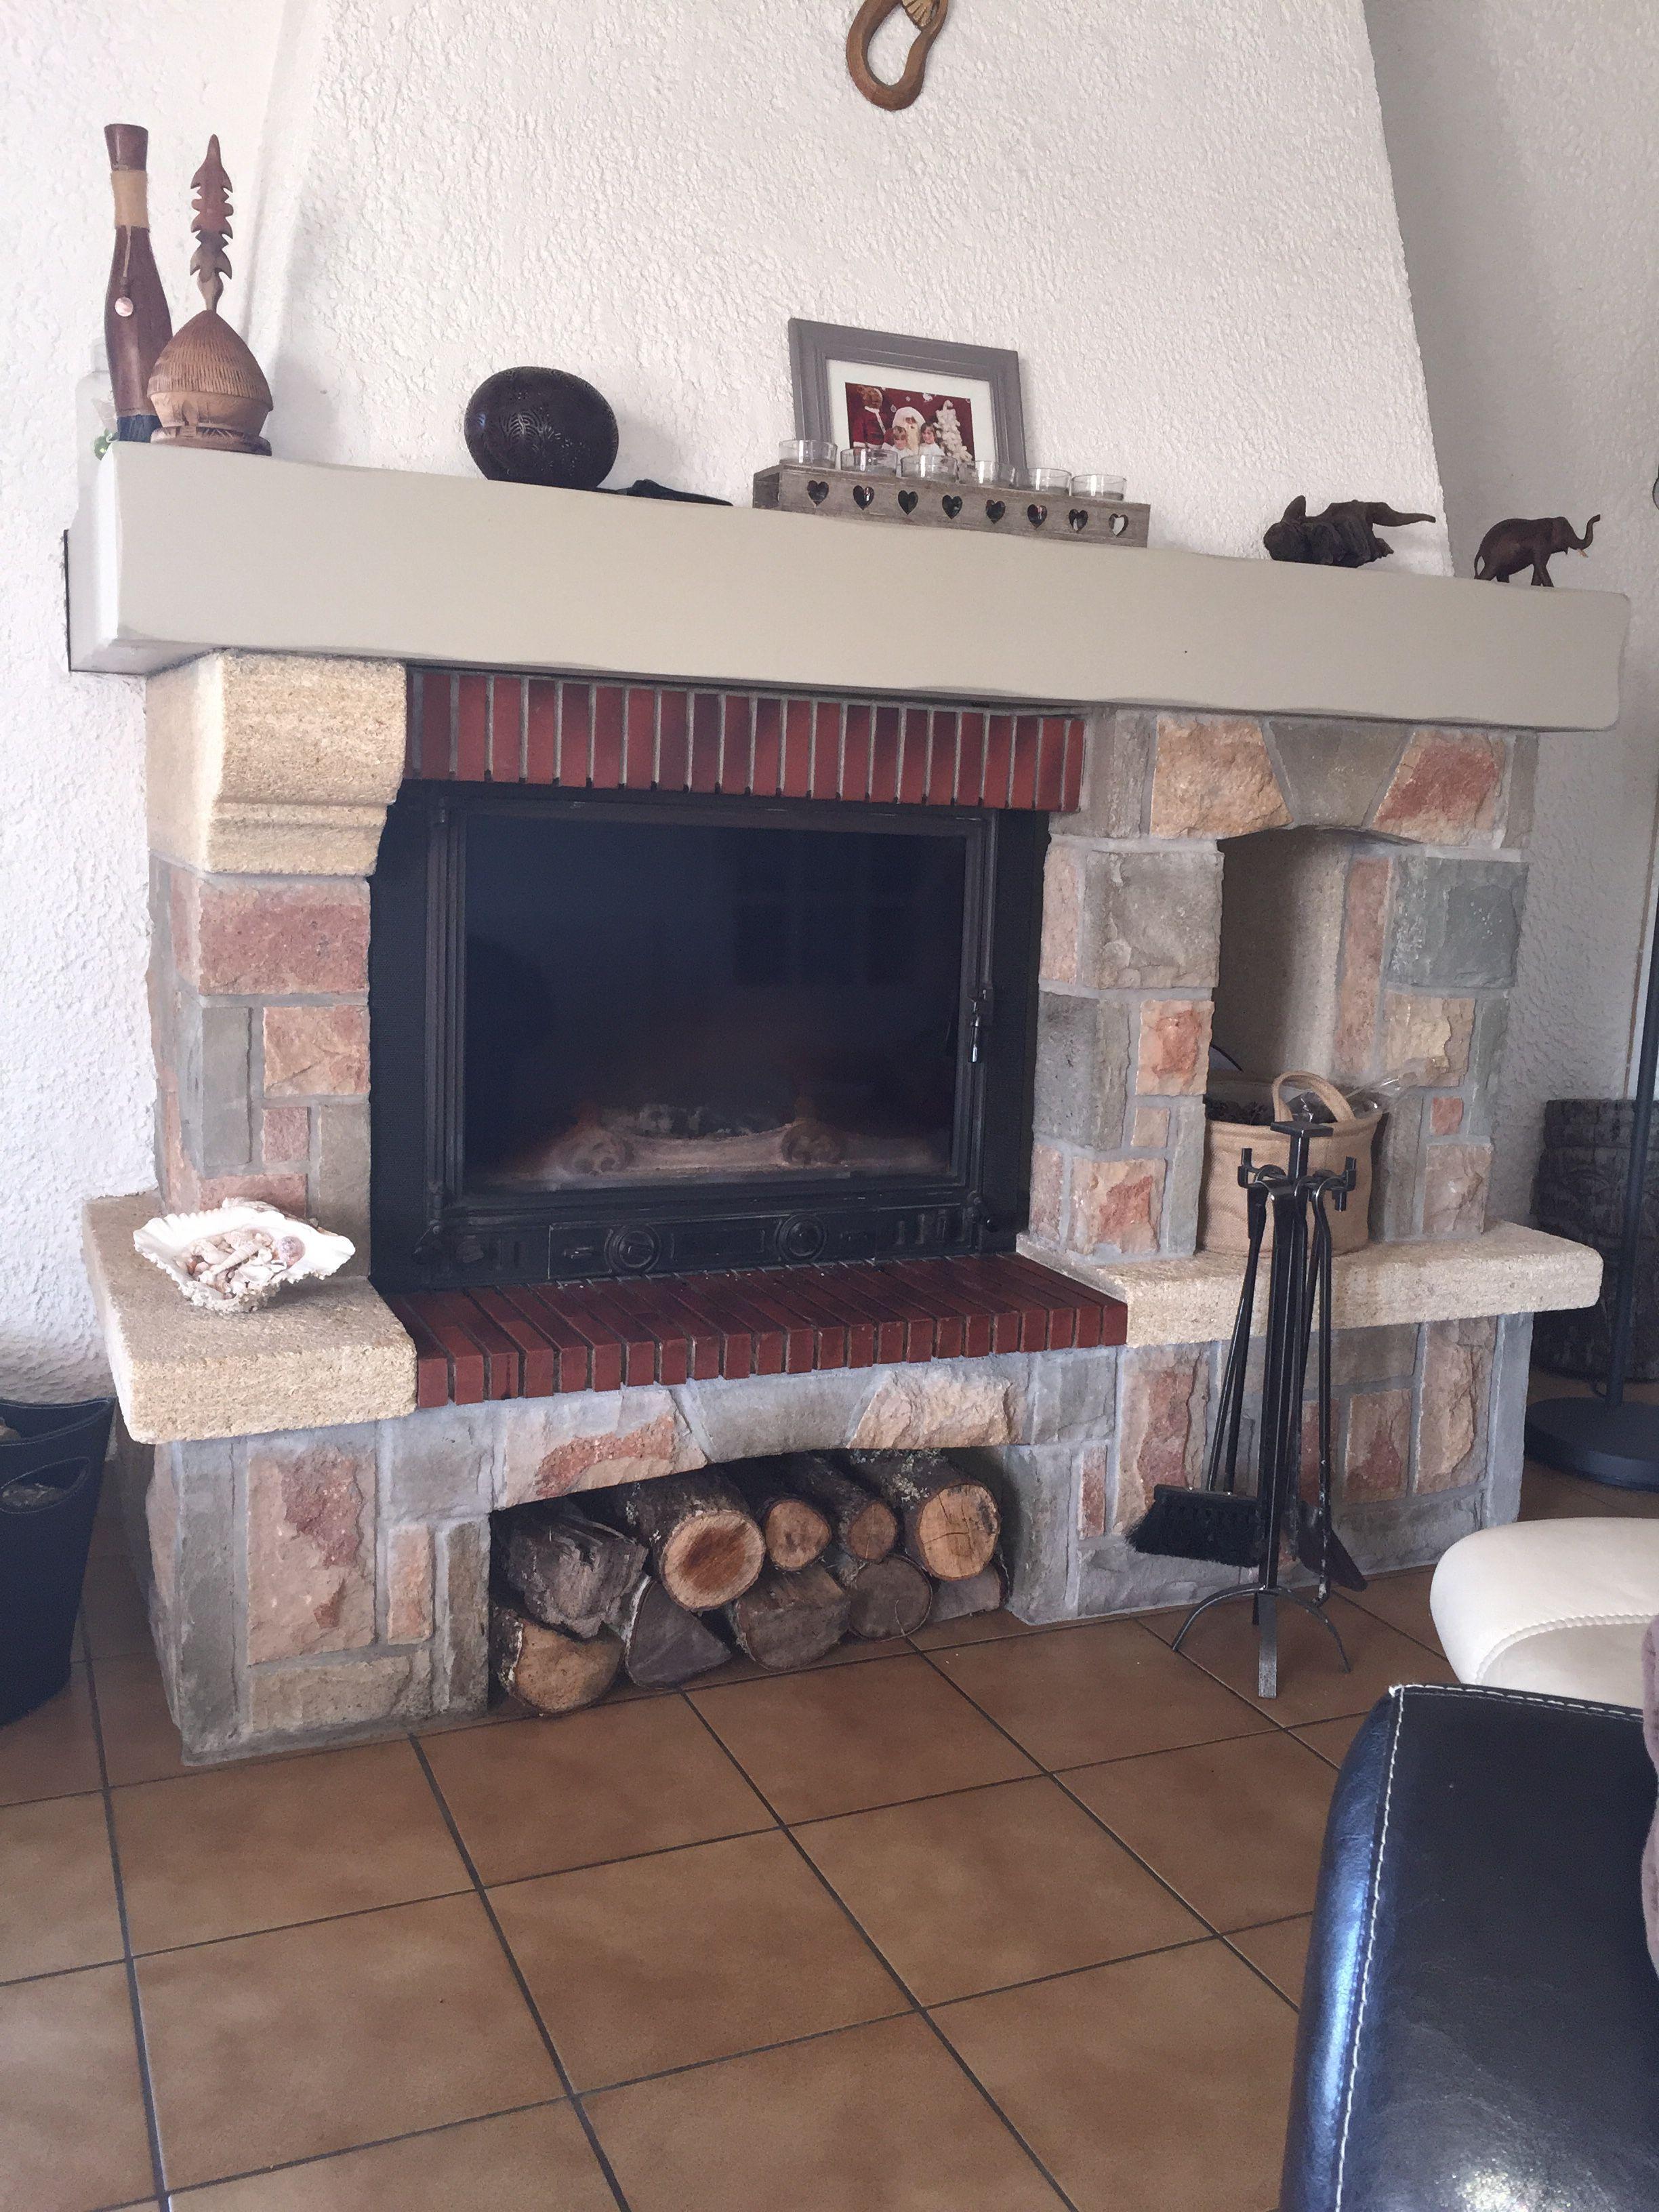 relooking chemine chemine habill de bton cir ide la place de la poutre chemine exemples avant. Black Bedroom Furniture Sets. Home Design Ideas